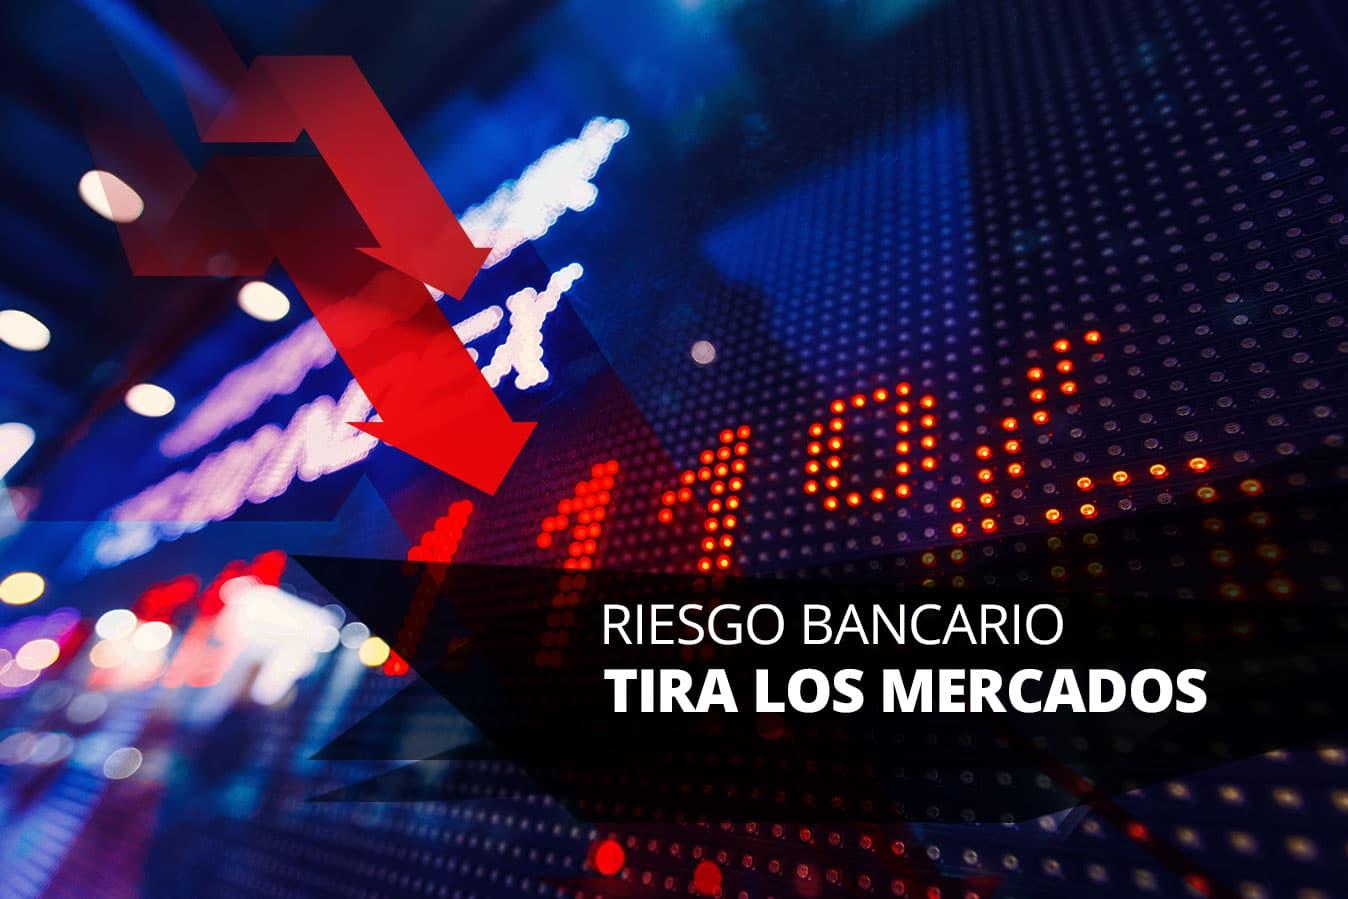 Las peores caídas fueron en las bolsas de valores de Europa que tuvieron un jueves complicado con pérdidas importantes. Destaca la caída del IBEX 35 de Madrid que tuvo una minusvalía de casi 5 por ciento